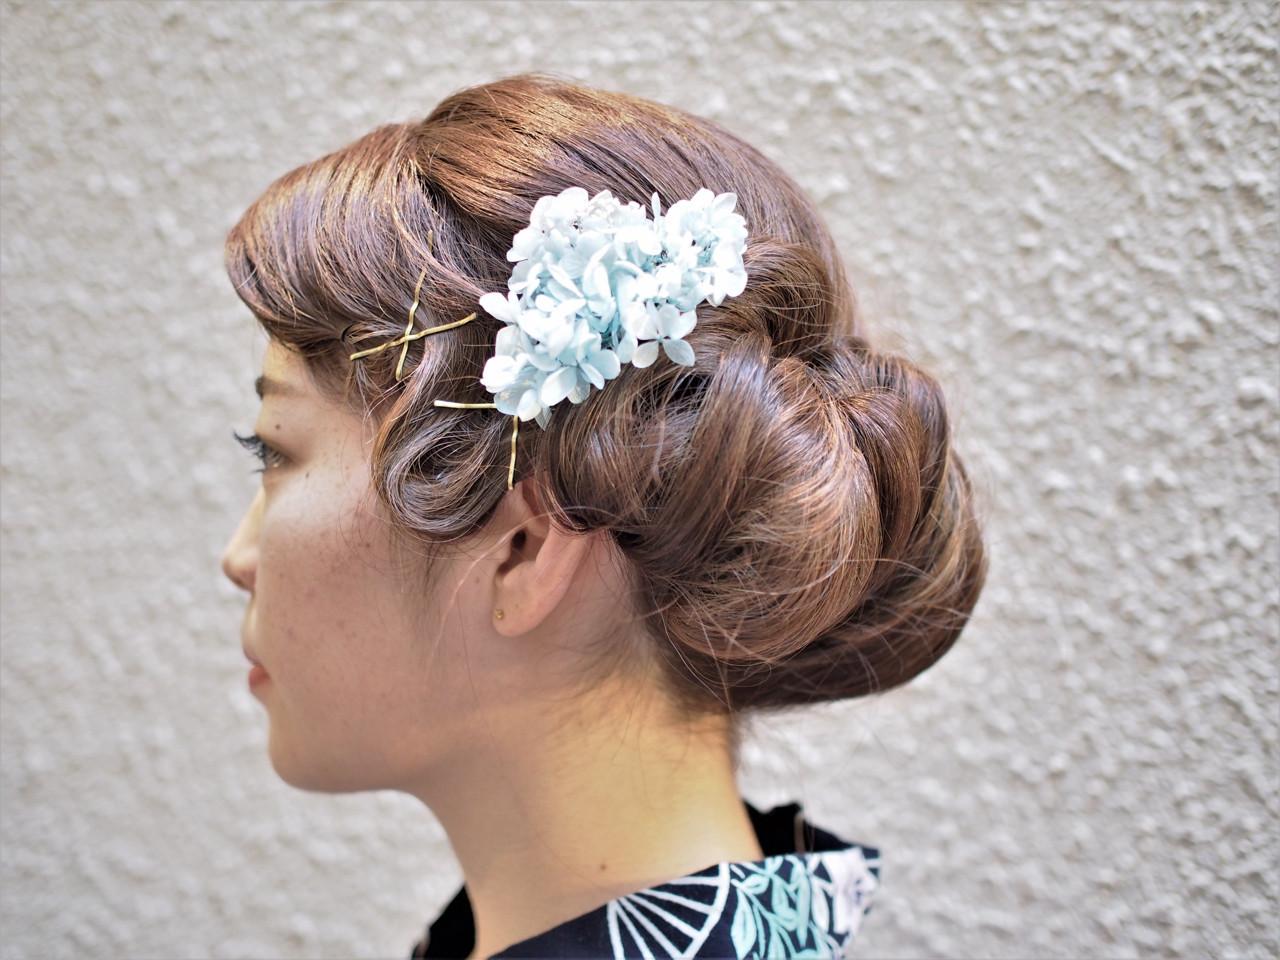 モード感溢れるミディアムヘアのおしゃれな袴アレンジ 志治 幸佳Coni